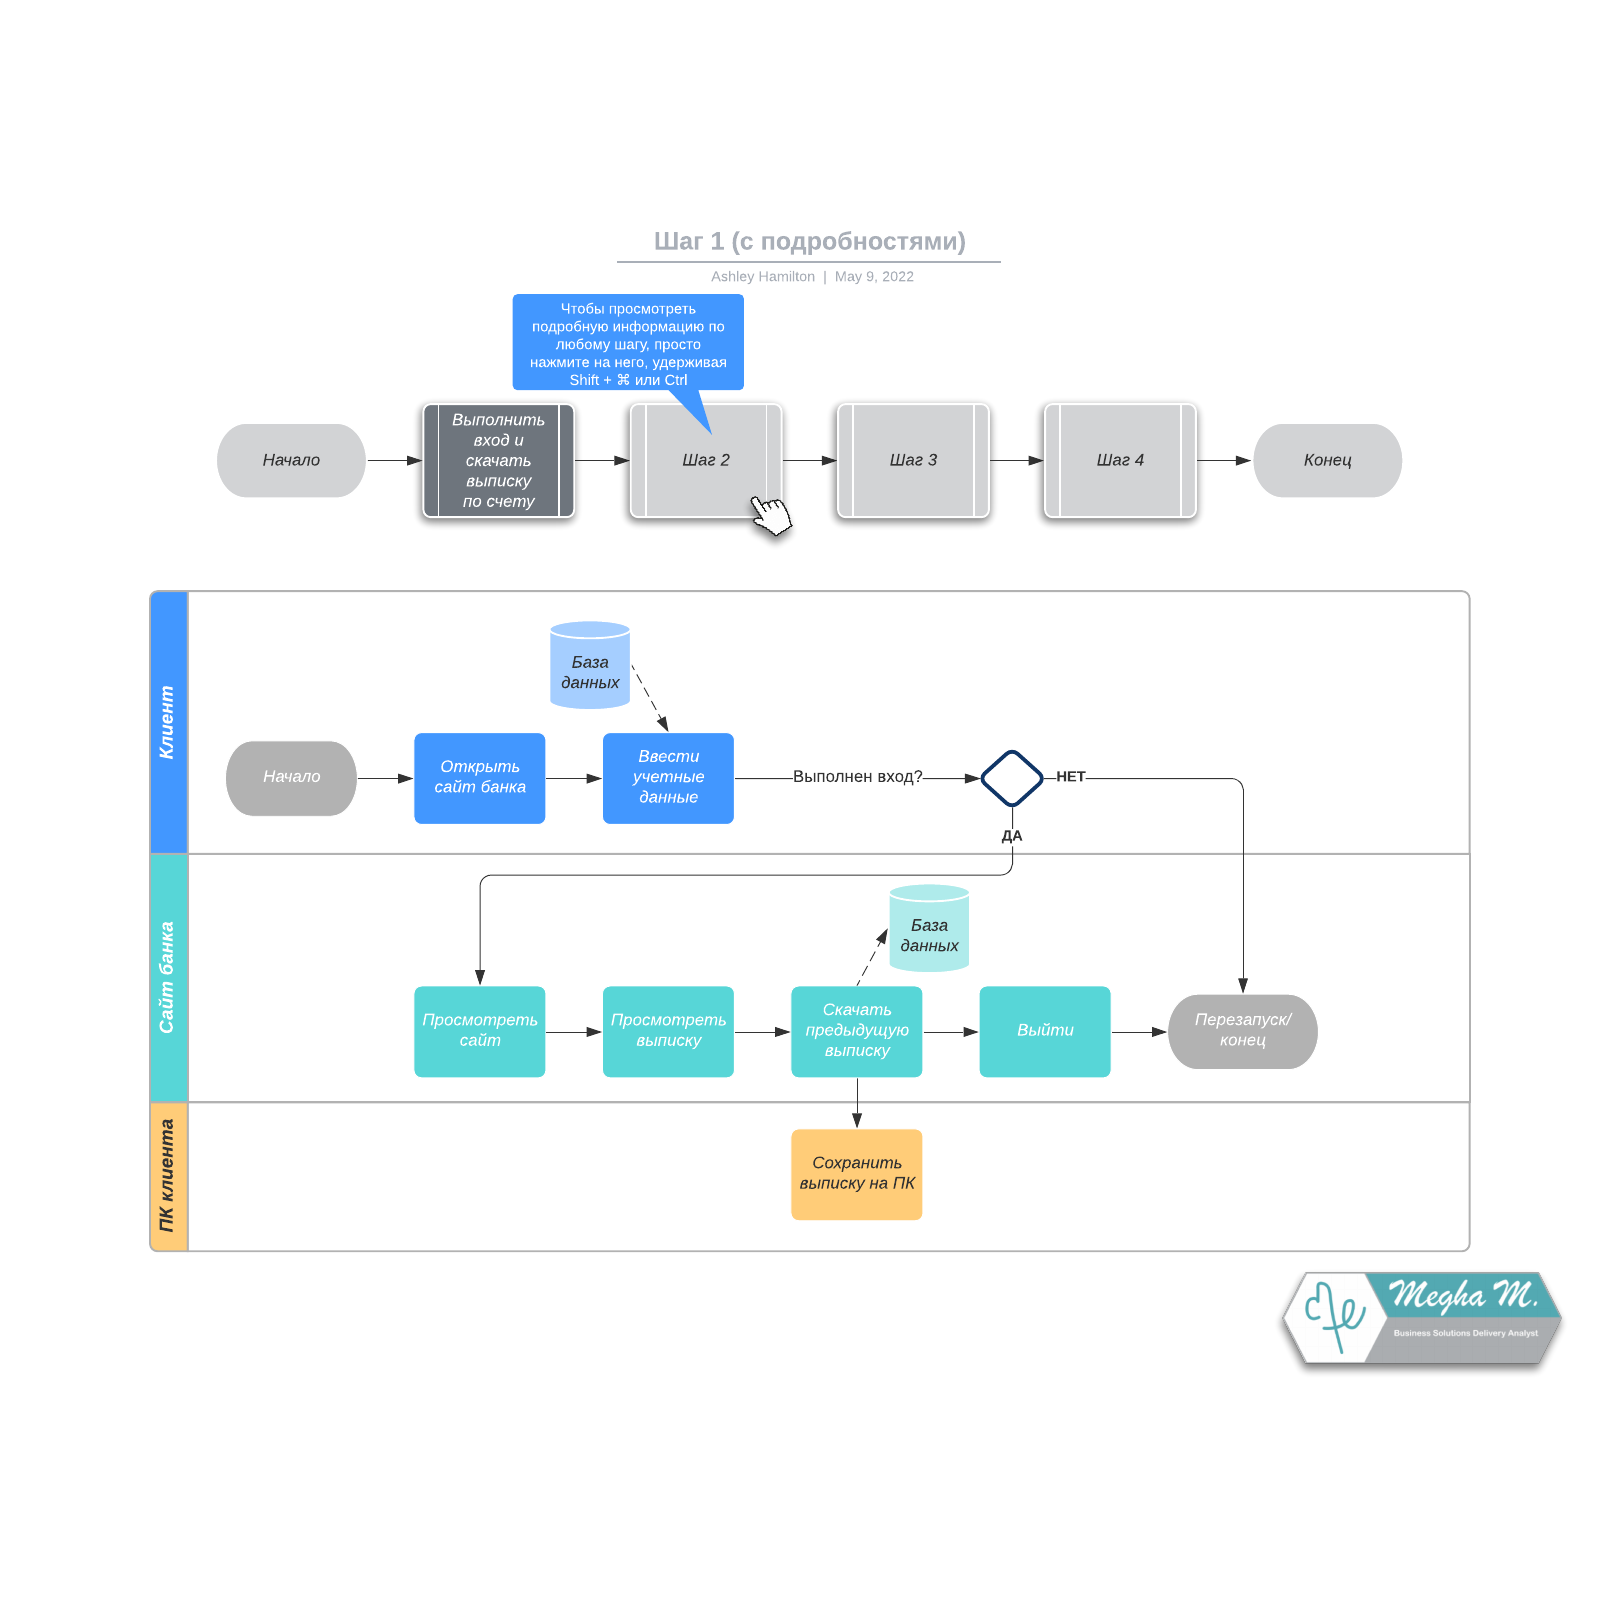 Пример обзорной блок-схемы с подробностями